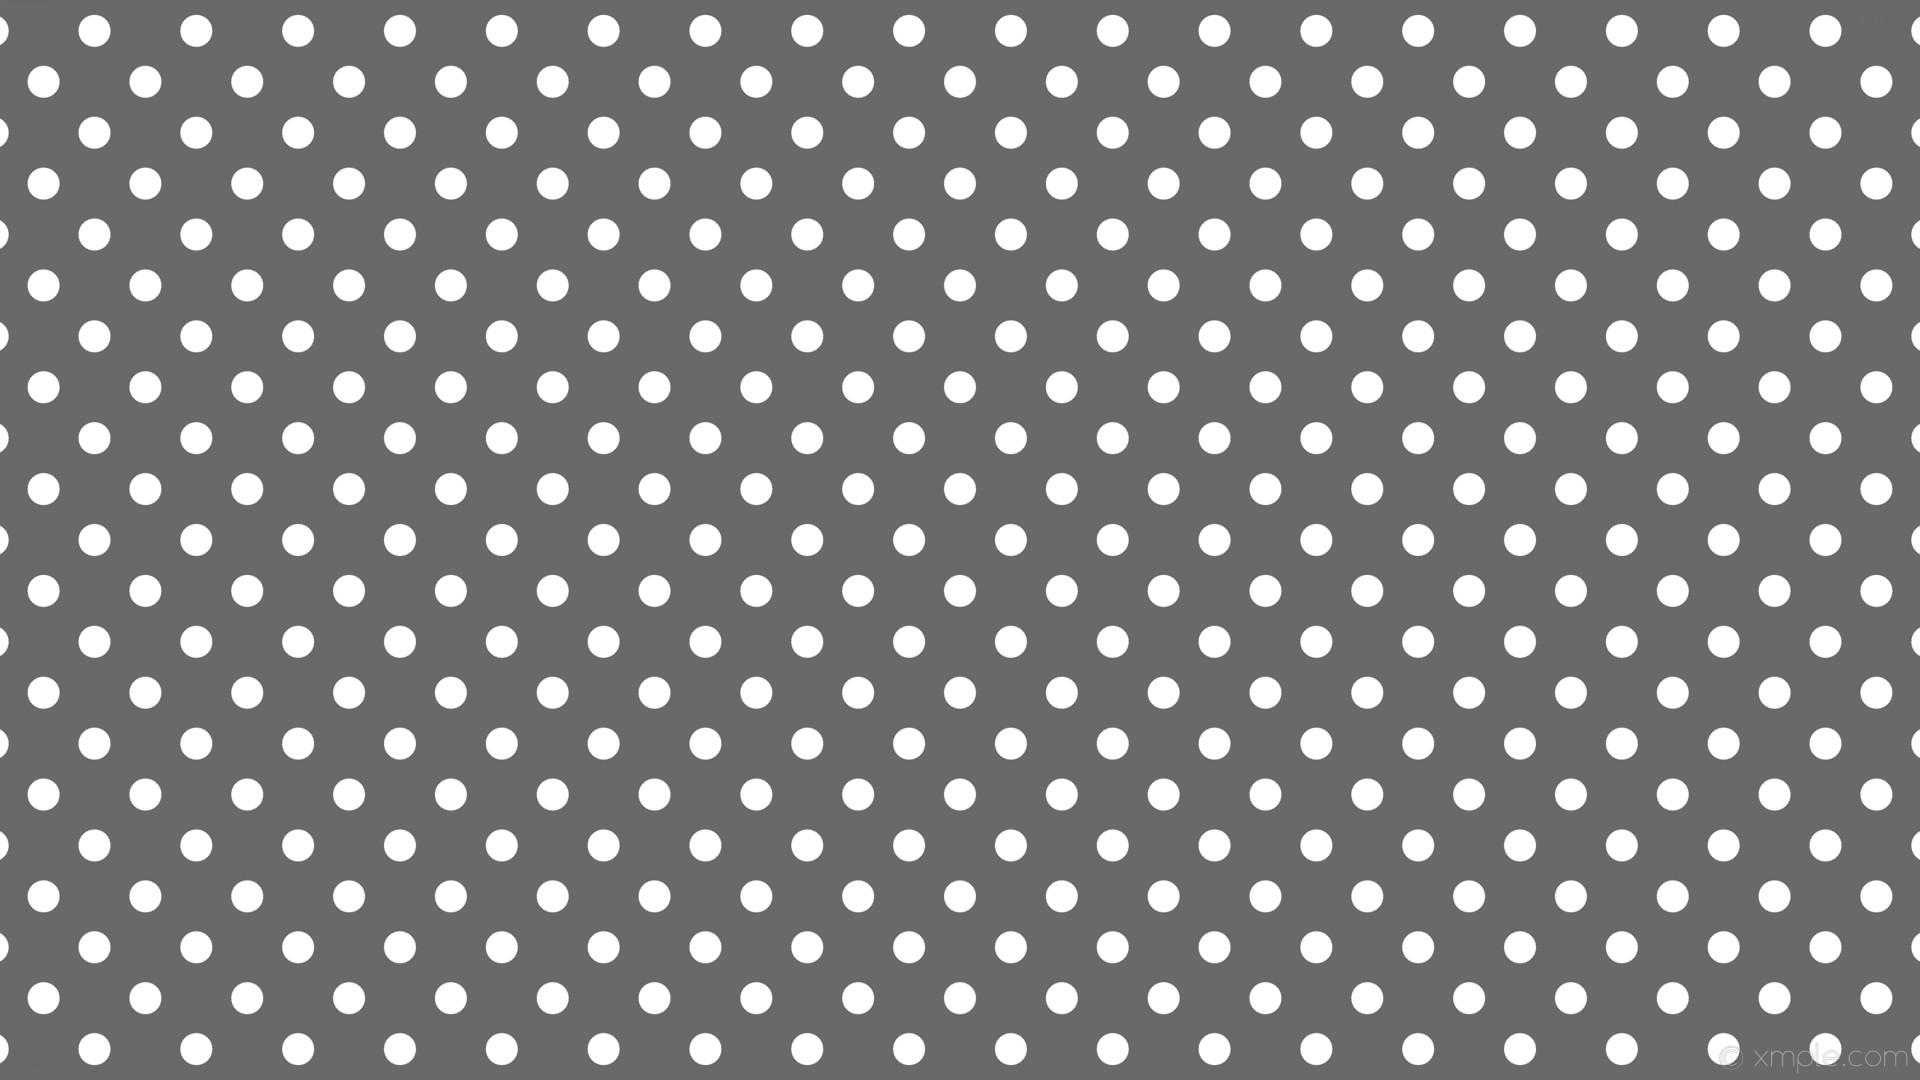 wallpaper polka dots grey spots white dim gray #696969 #ffffff 315° 32px  72px